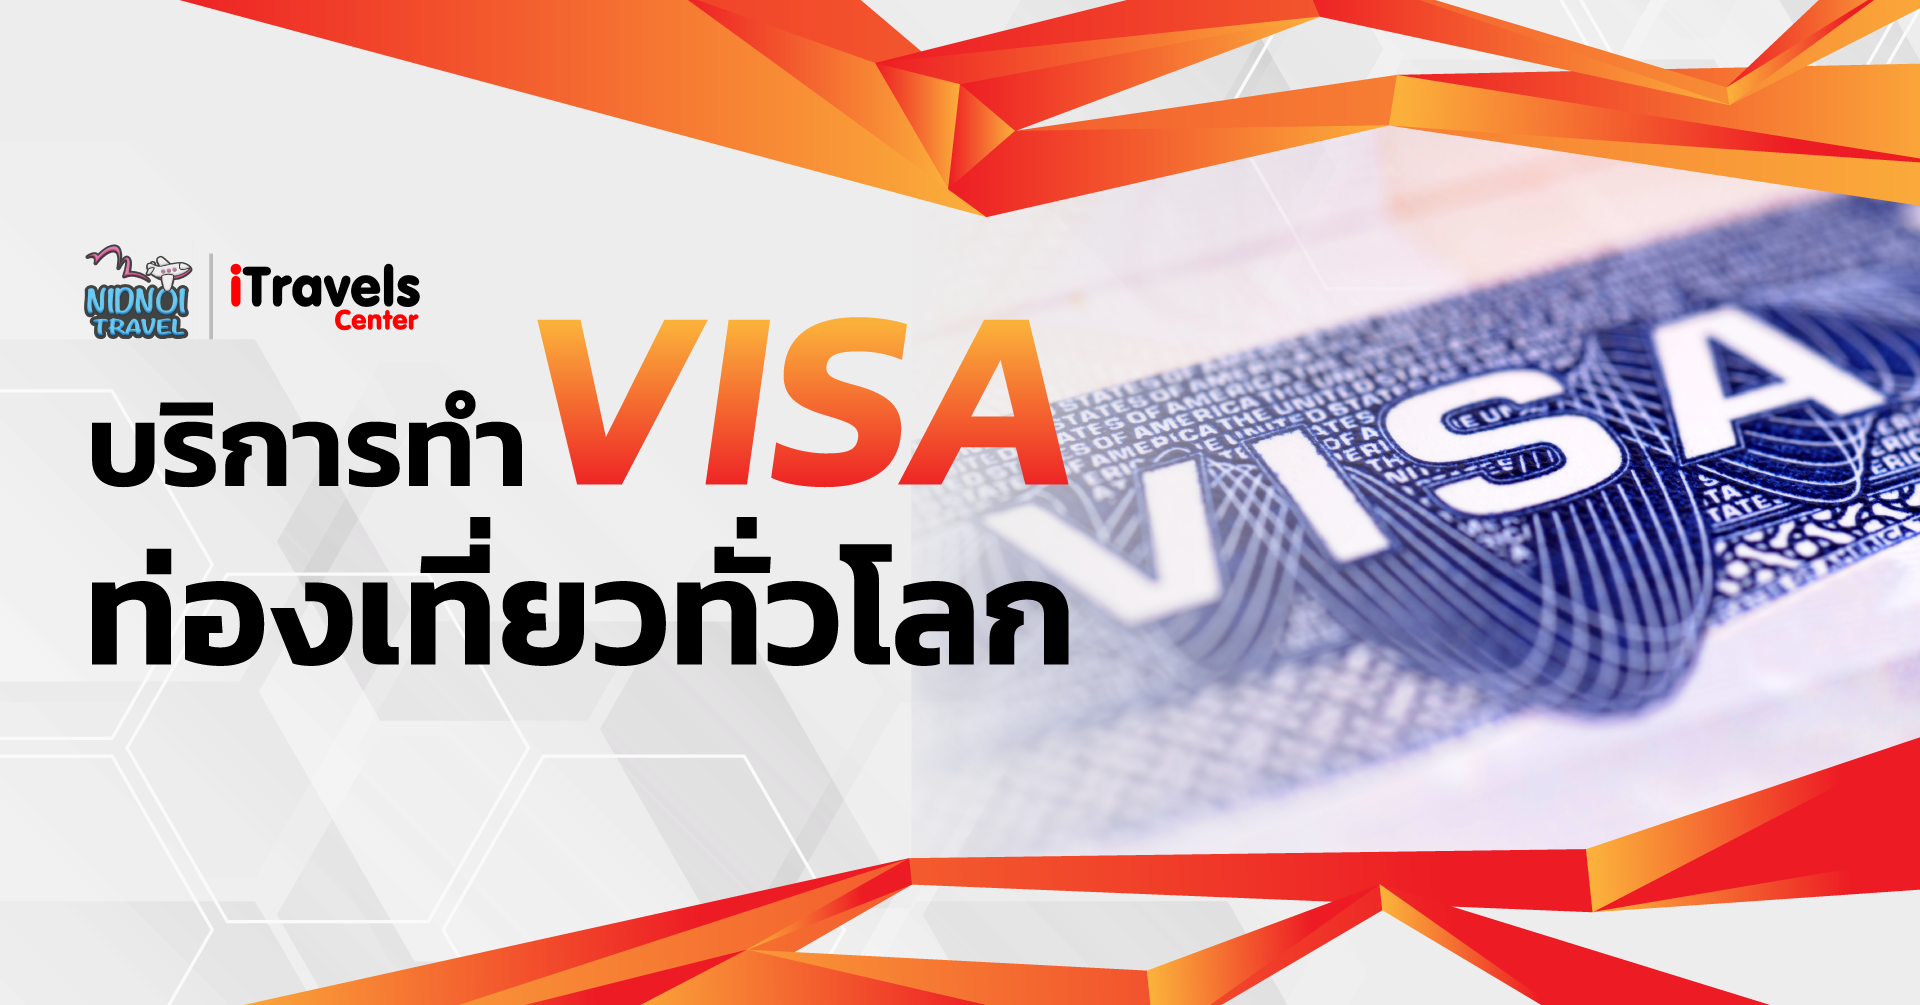 บริการรับทำ VISA ท่องเที่ยวทั่วโลก